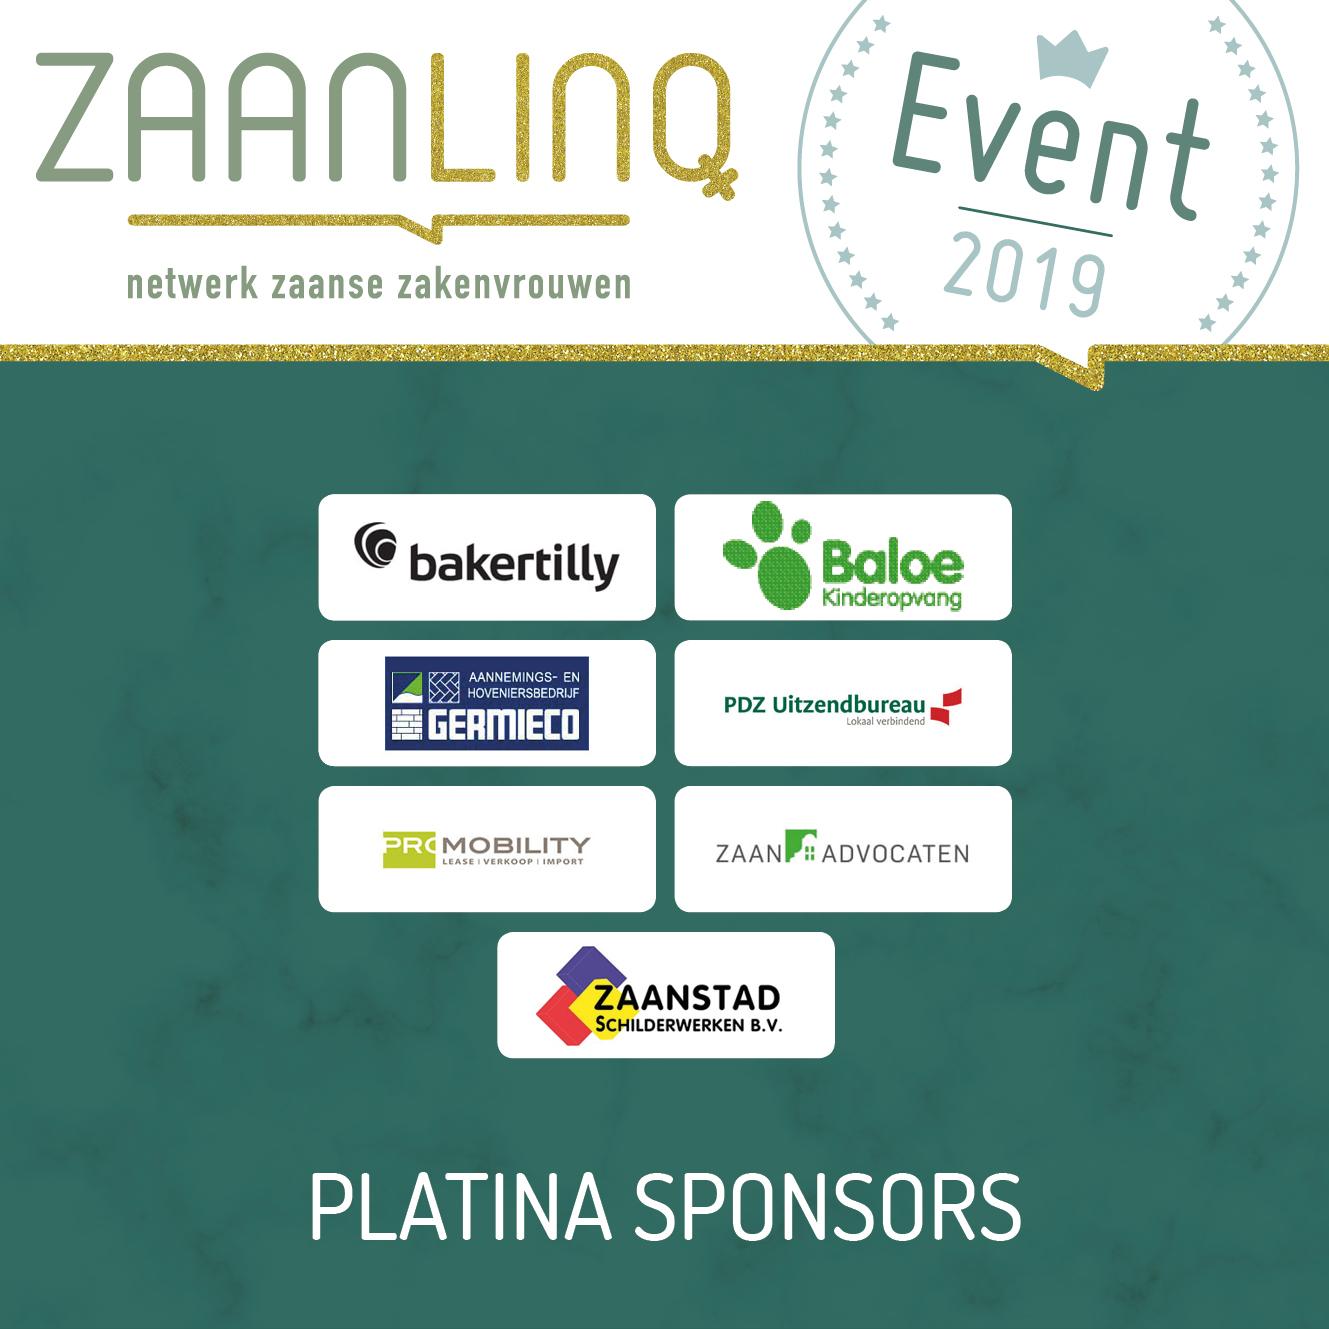 Platina sponsors ZaanLinQ Event 2019